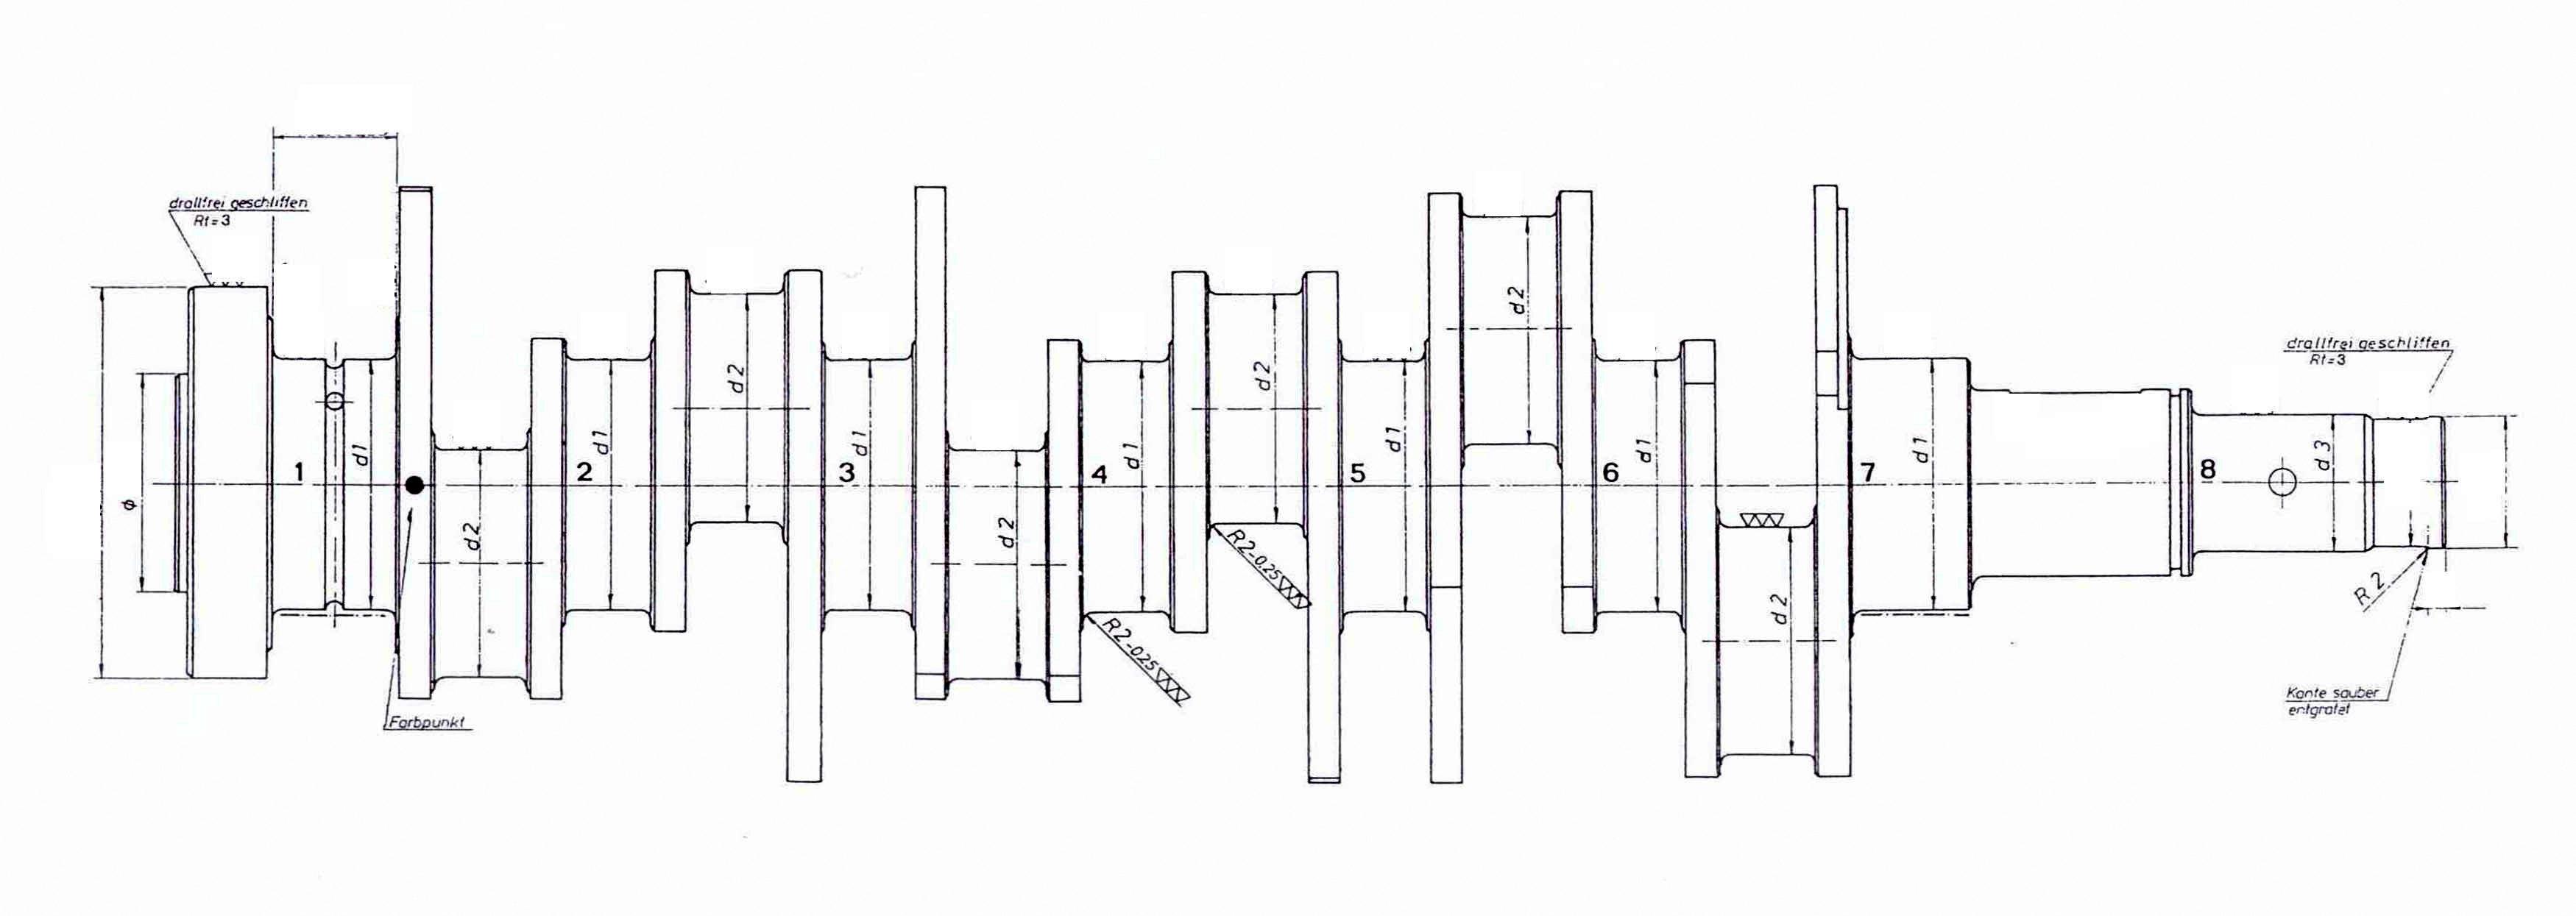 Kurbelwelle für Maserati 6 Zylinder Reihe